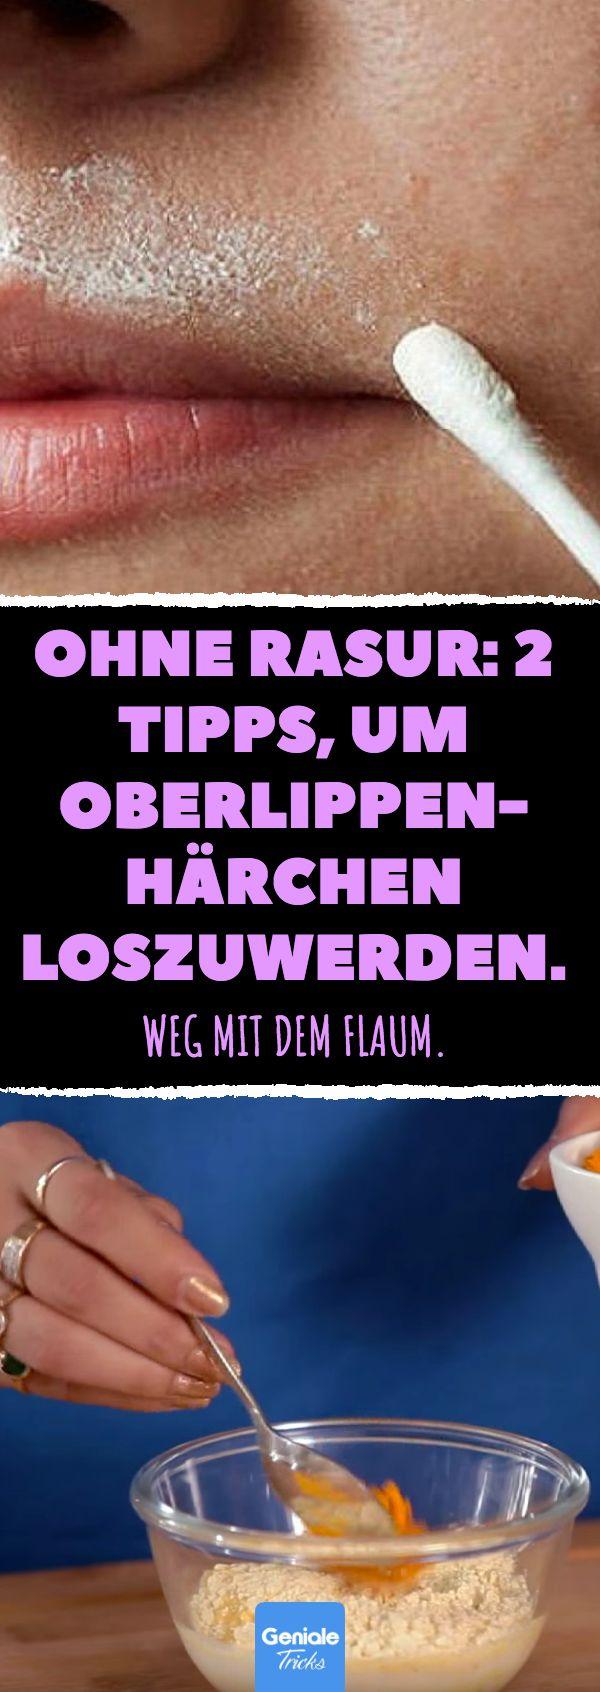 Ohne Rasur: 2 Tipps, um Oberlippen-Härchen loszuwerden. #damenbart #rasieren #h …